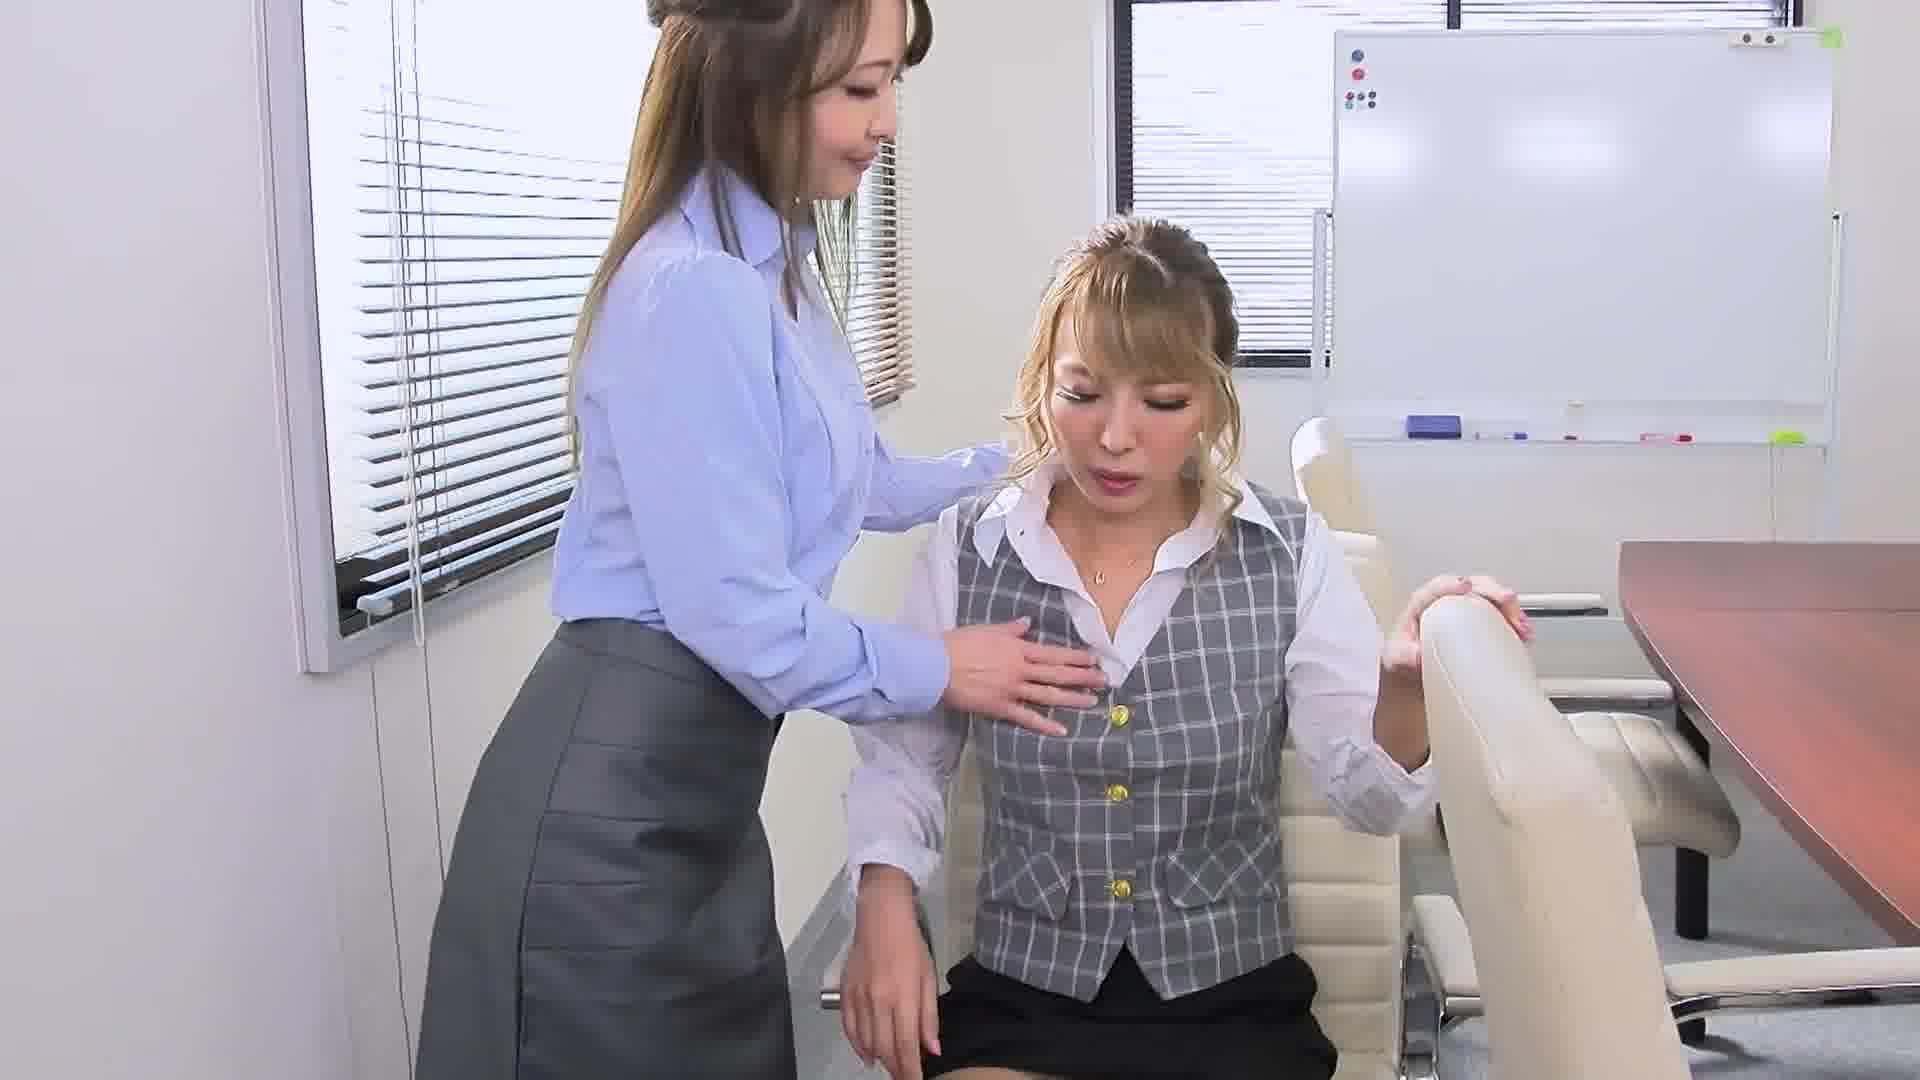 オフィスラバーズ ~ビアン上司の飴とムチムチ~ - ルナ【OL・乱交・ギャル】